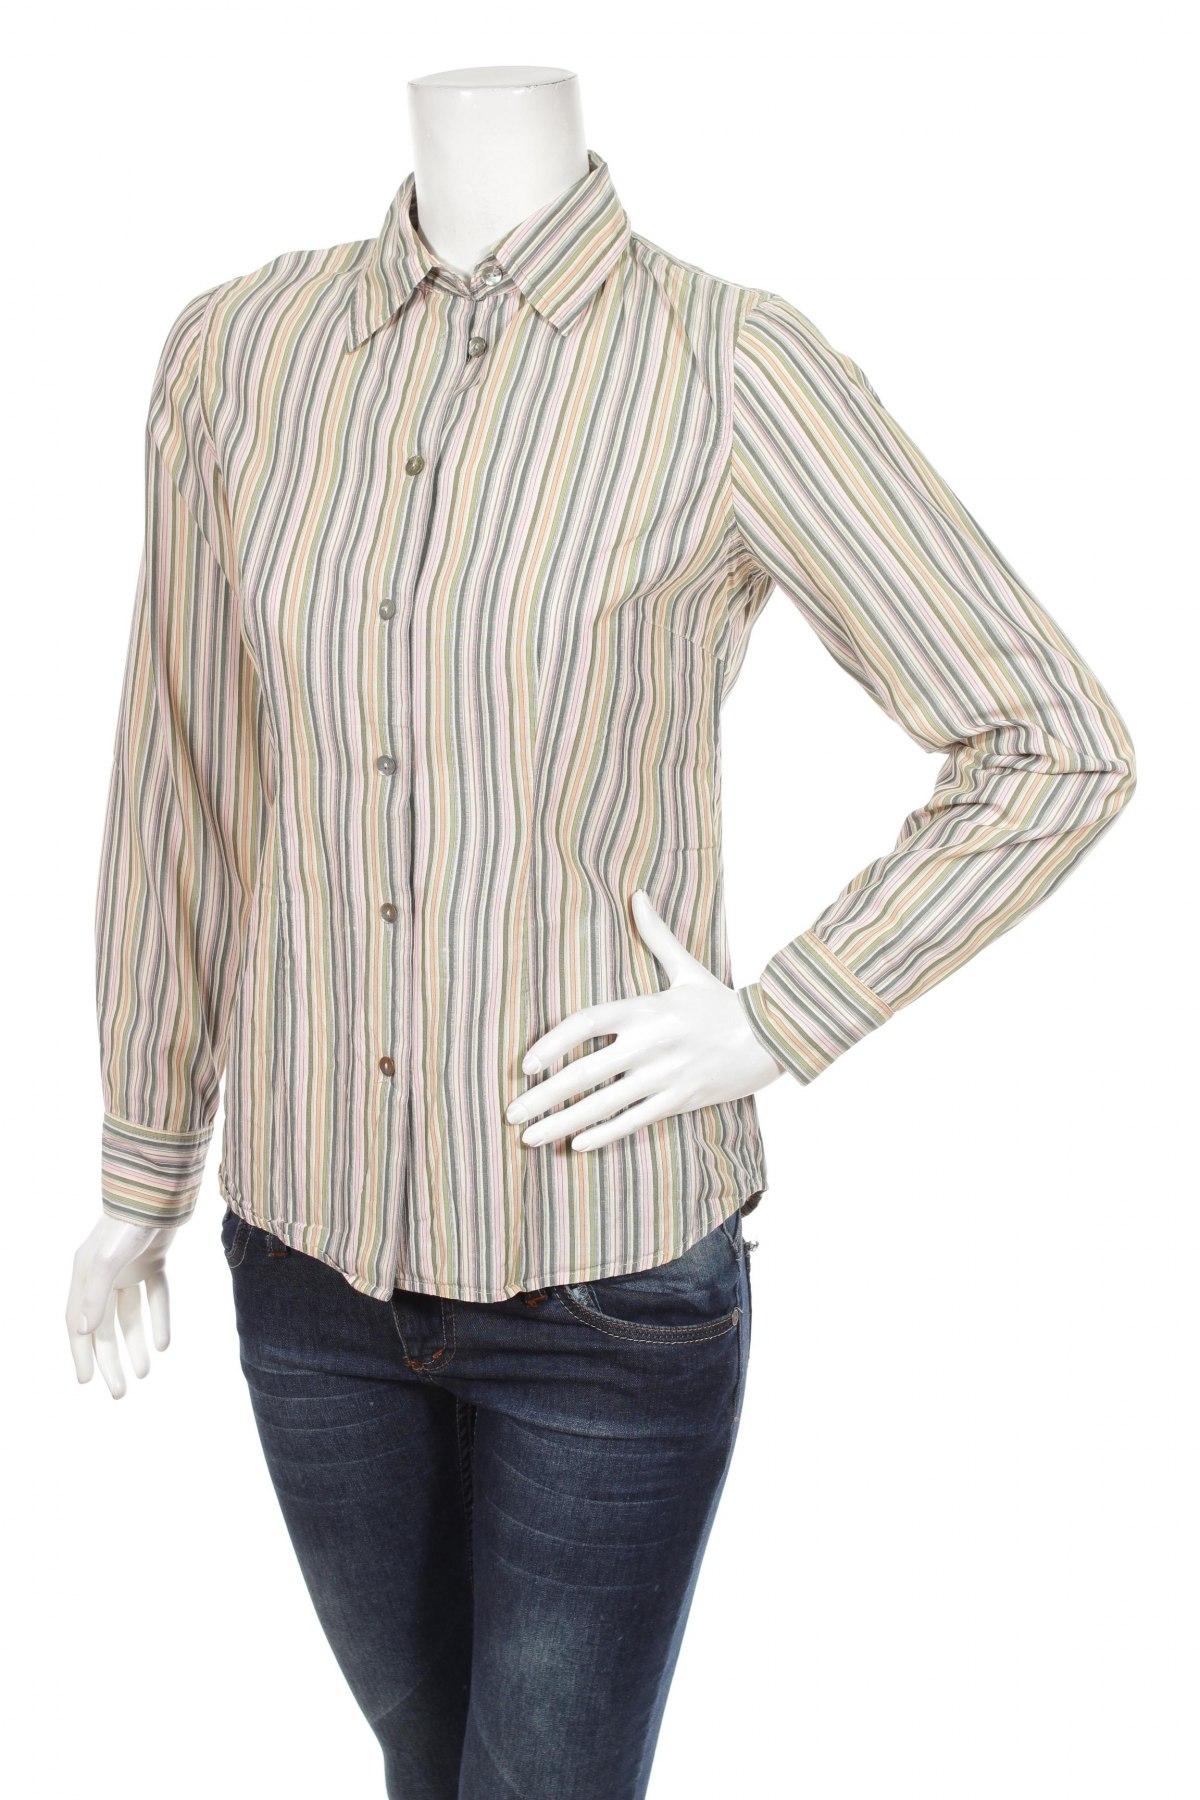 Γυναικείο πουκάμισο Newhouse